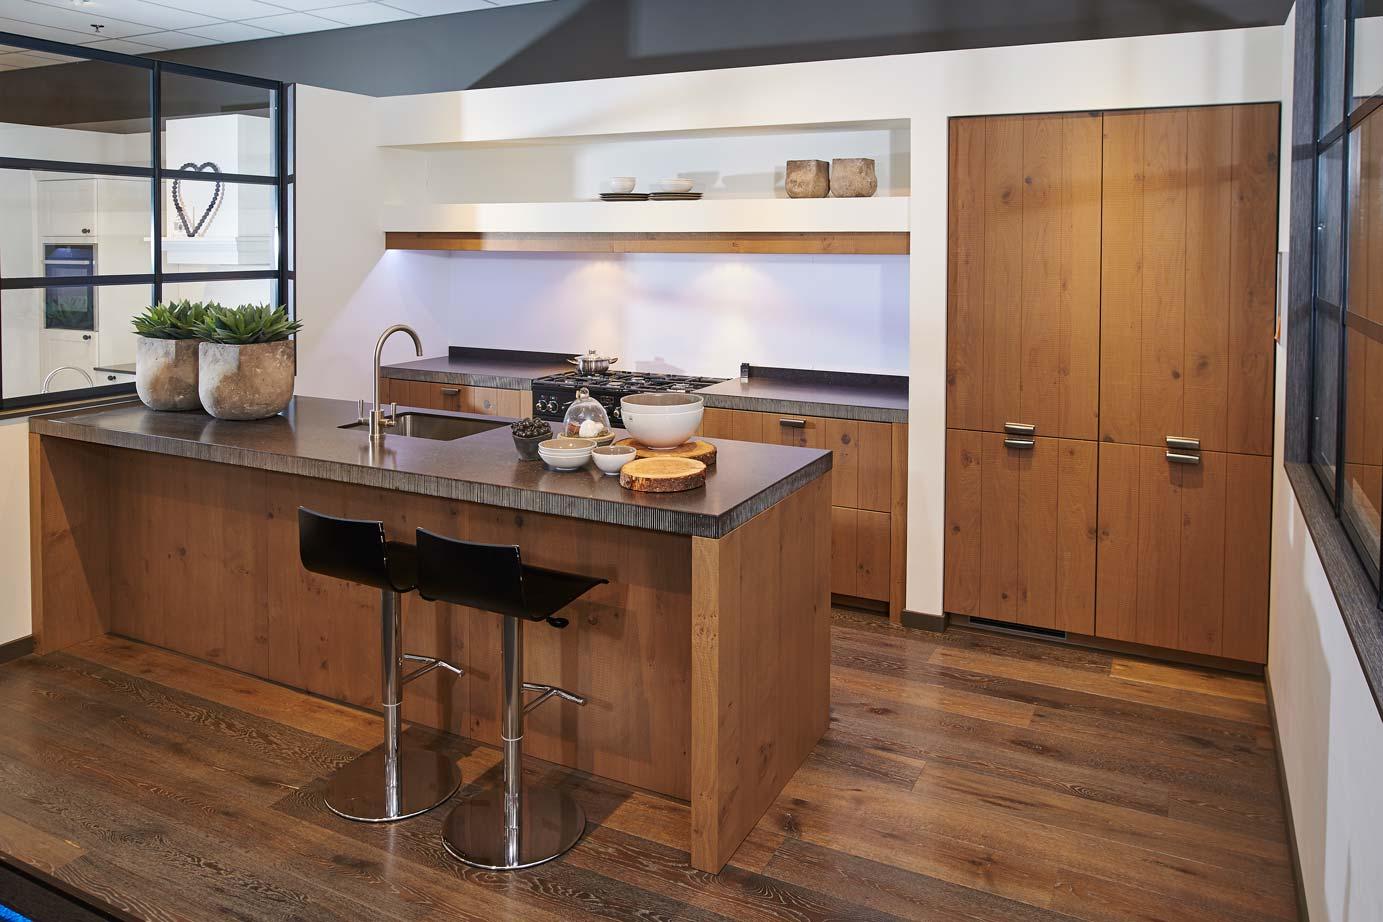 De Eikenhouten Keuken : Old wood keukens eiken keukens natuurlijk schoon db keukens